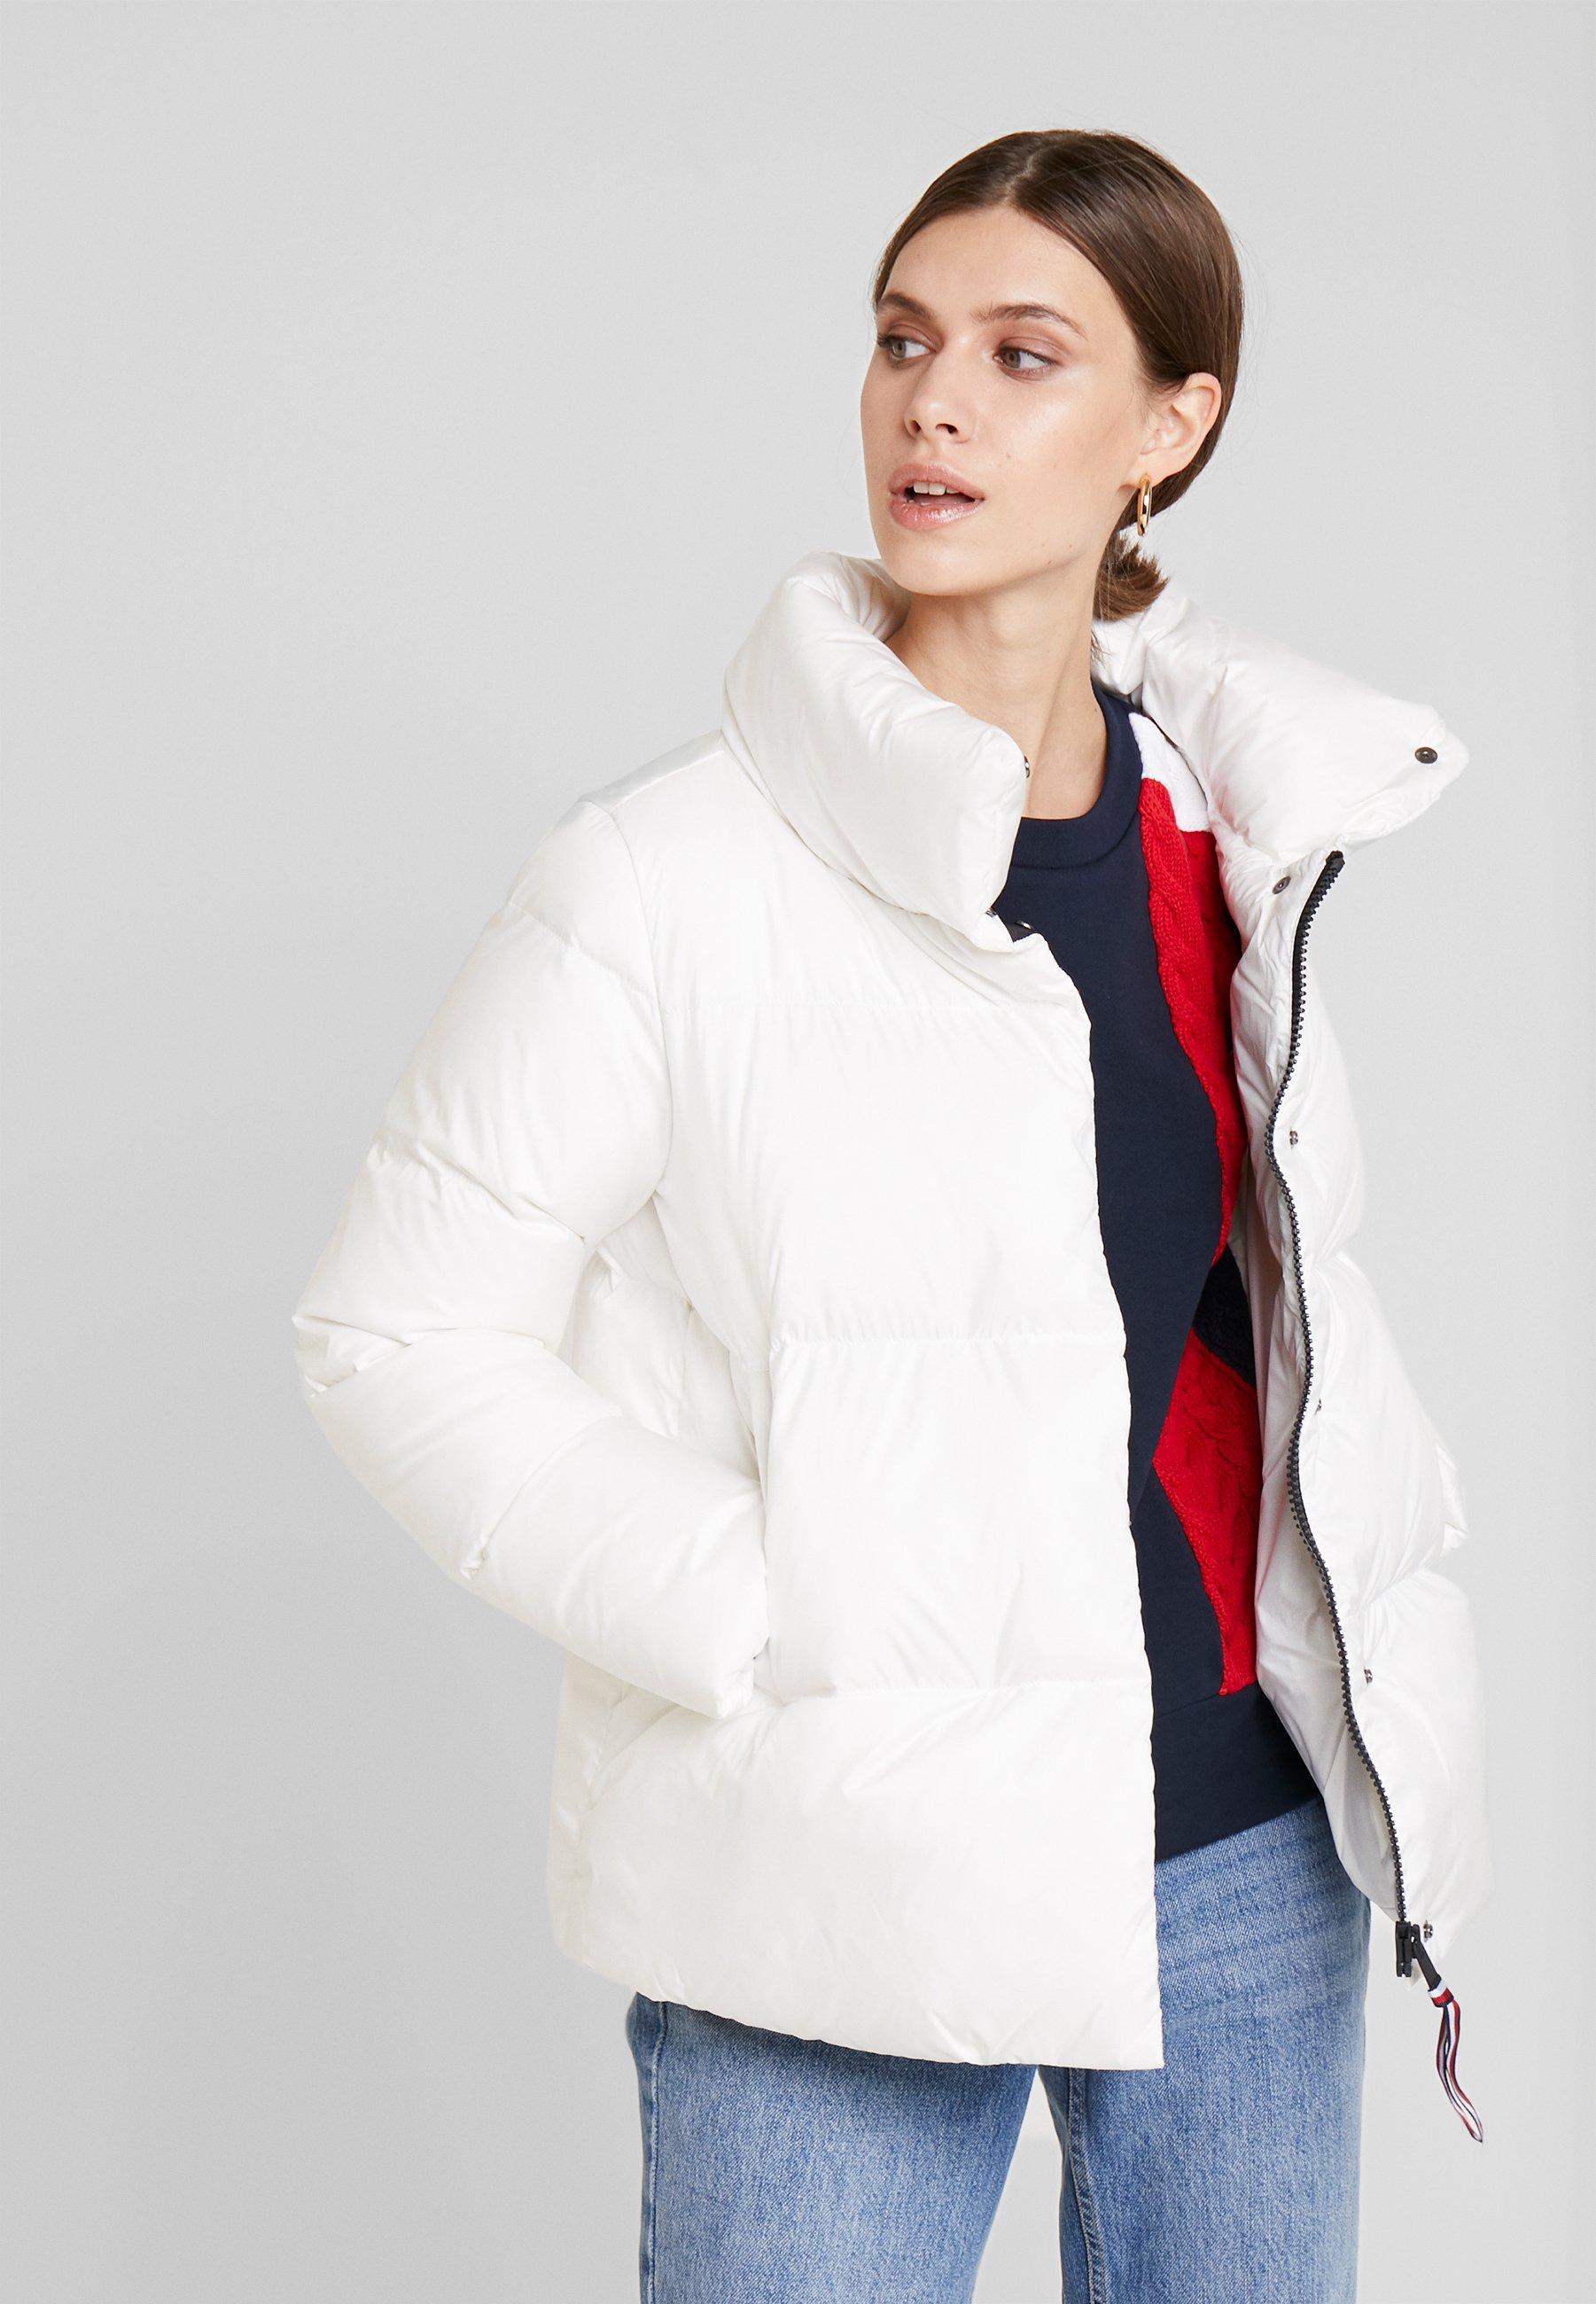 Köp Vita Dunjackor på rea för Damer billigt online | Trender